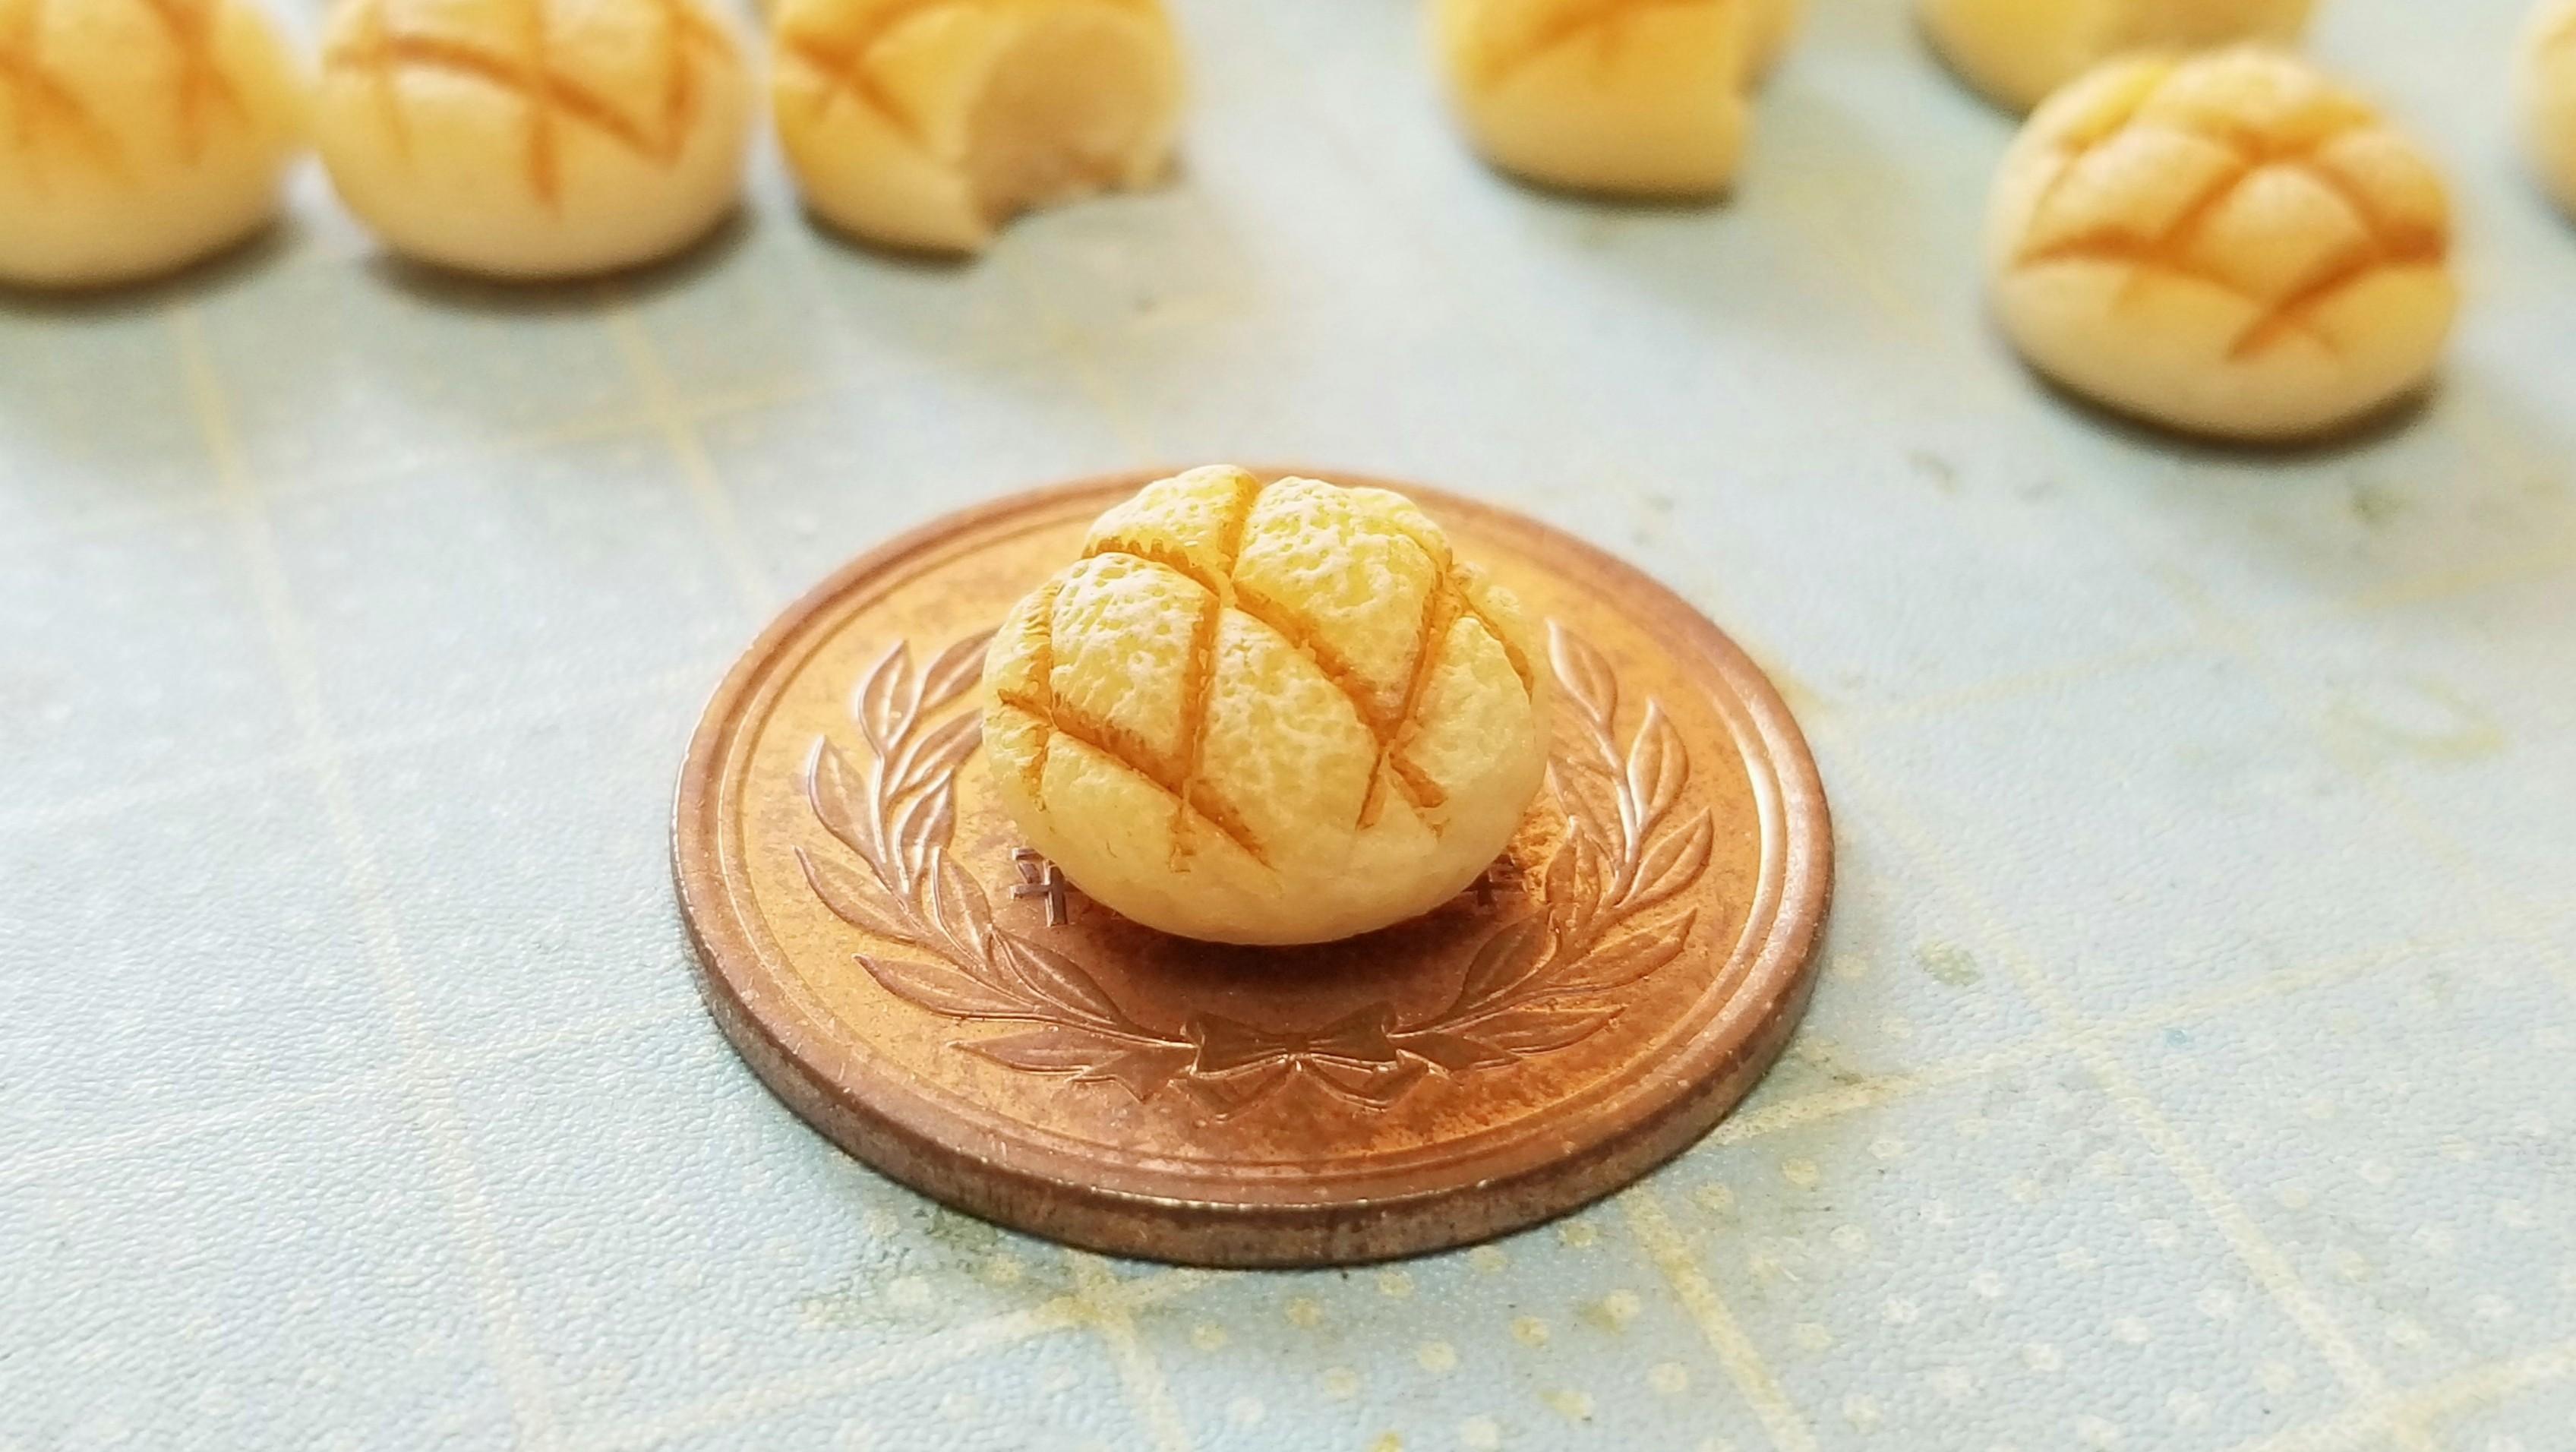 かわいい不思議小さな世界リアルかな本物みたい?美味しそうパン